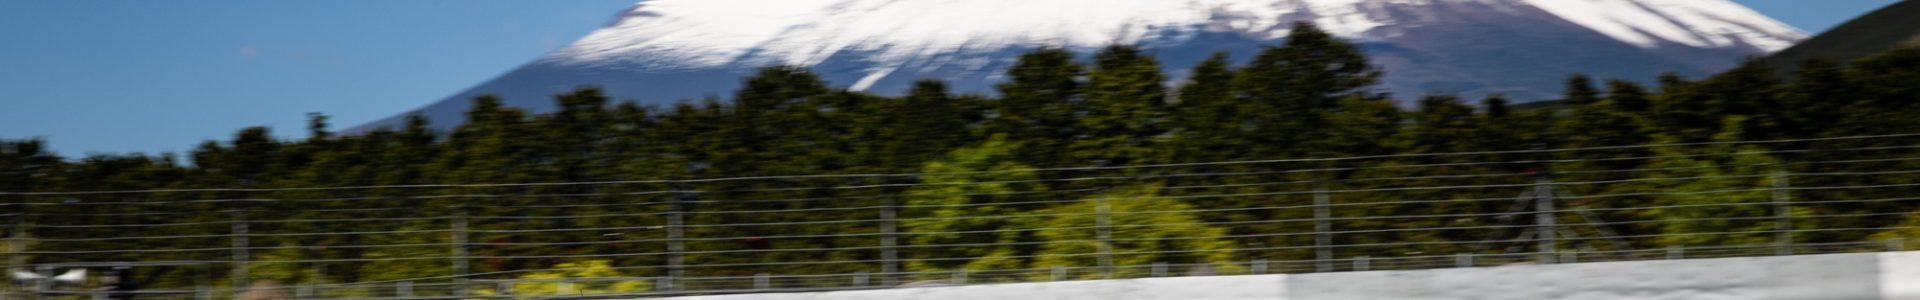 【ギャラリー】SUPER GT 2021 RD.2 FUJI 11号車 GAINER TANAX GT-R